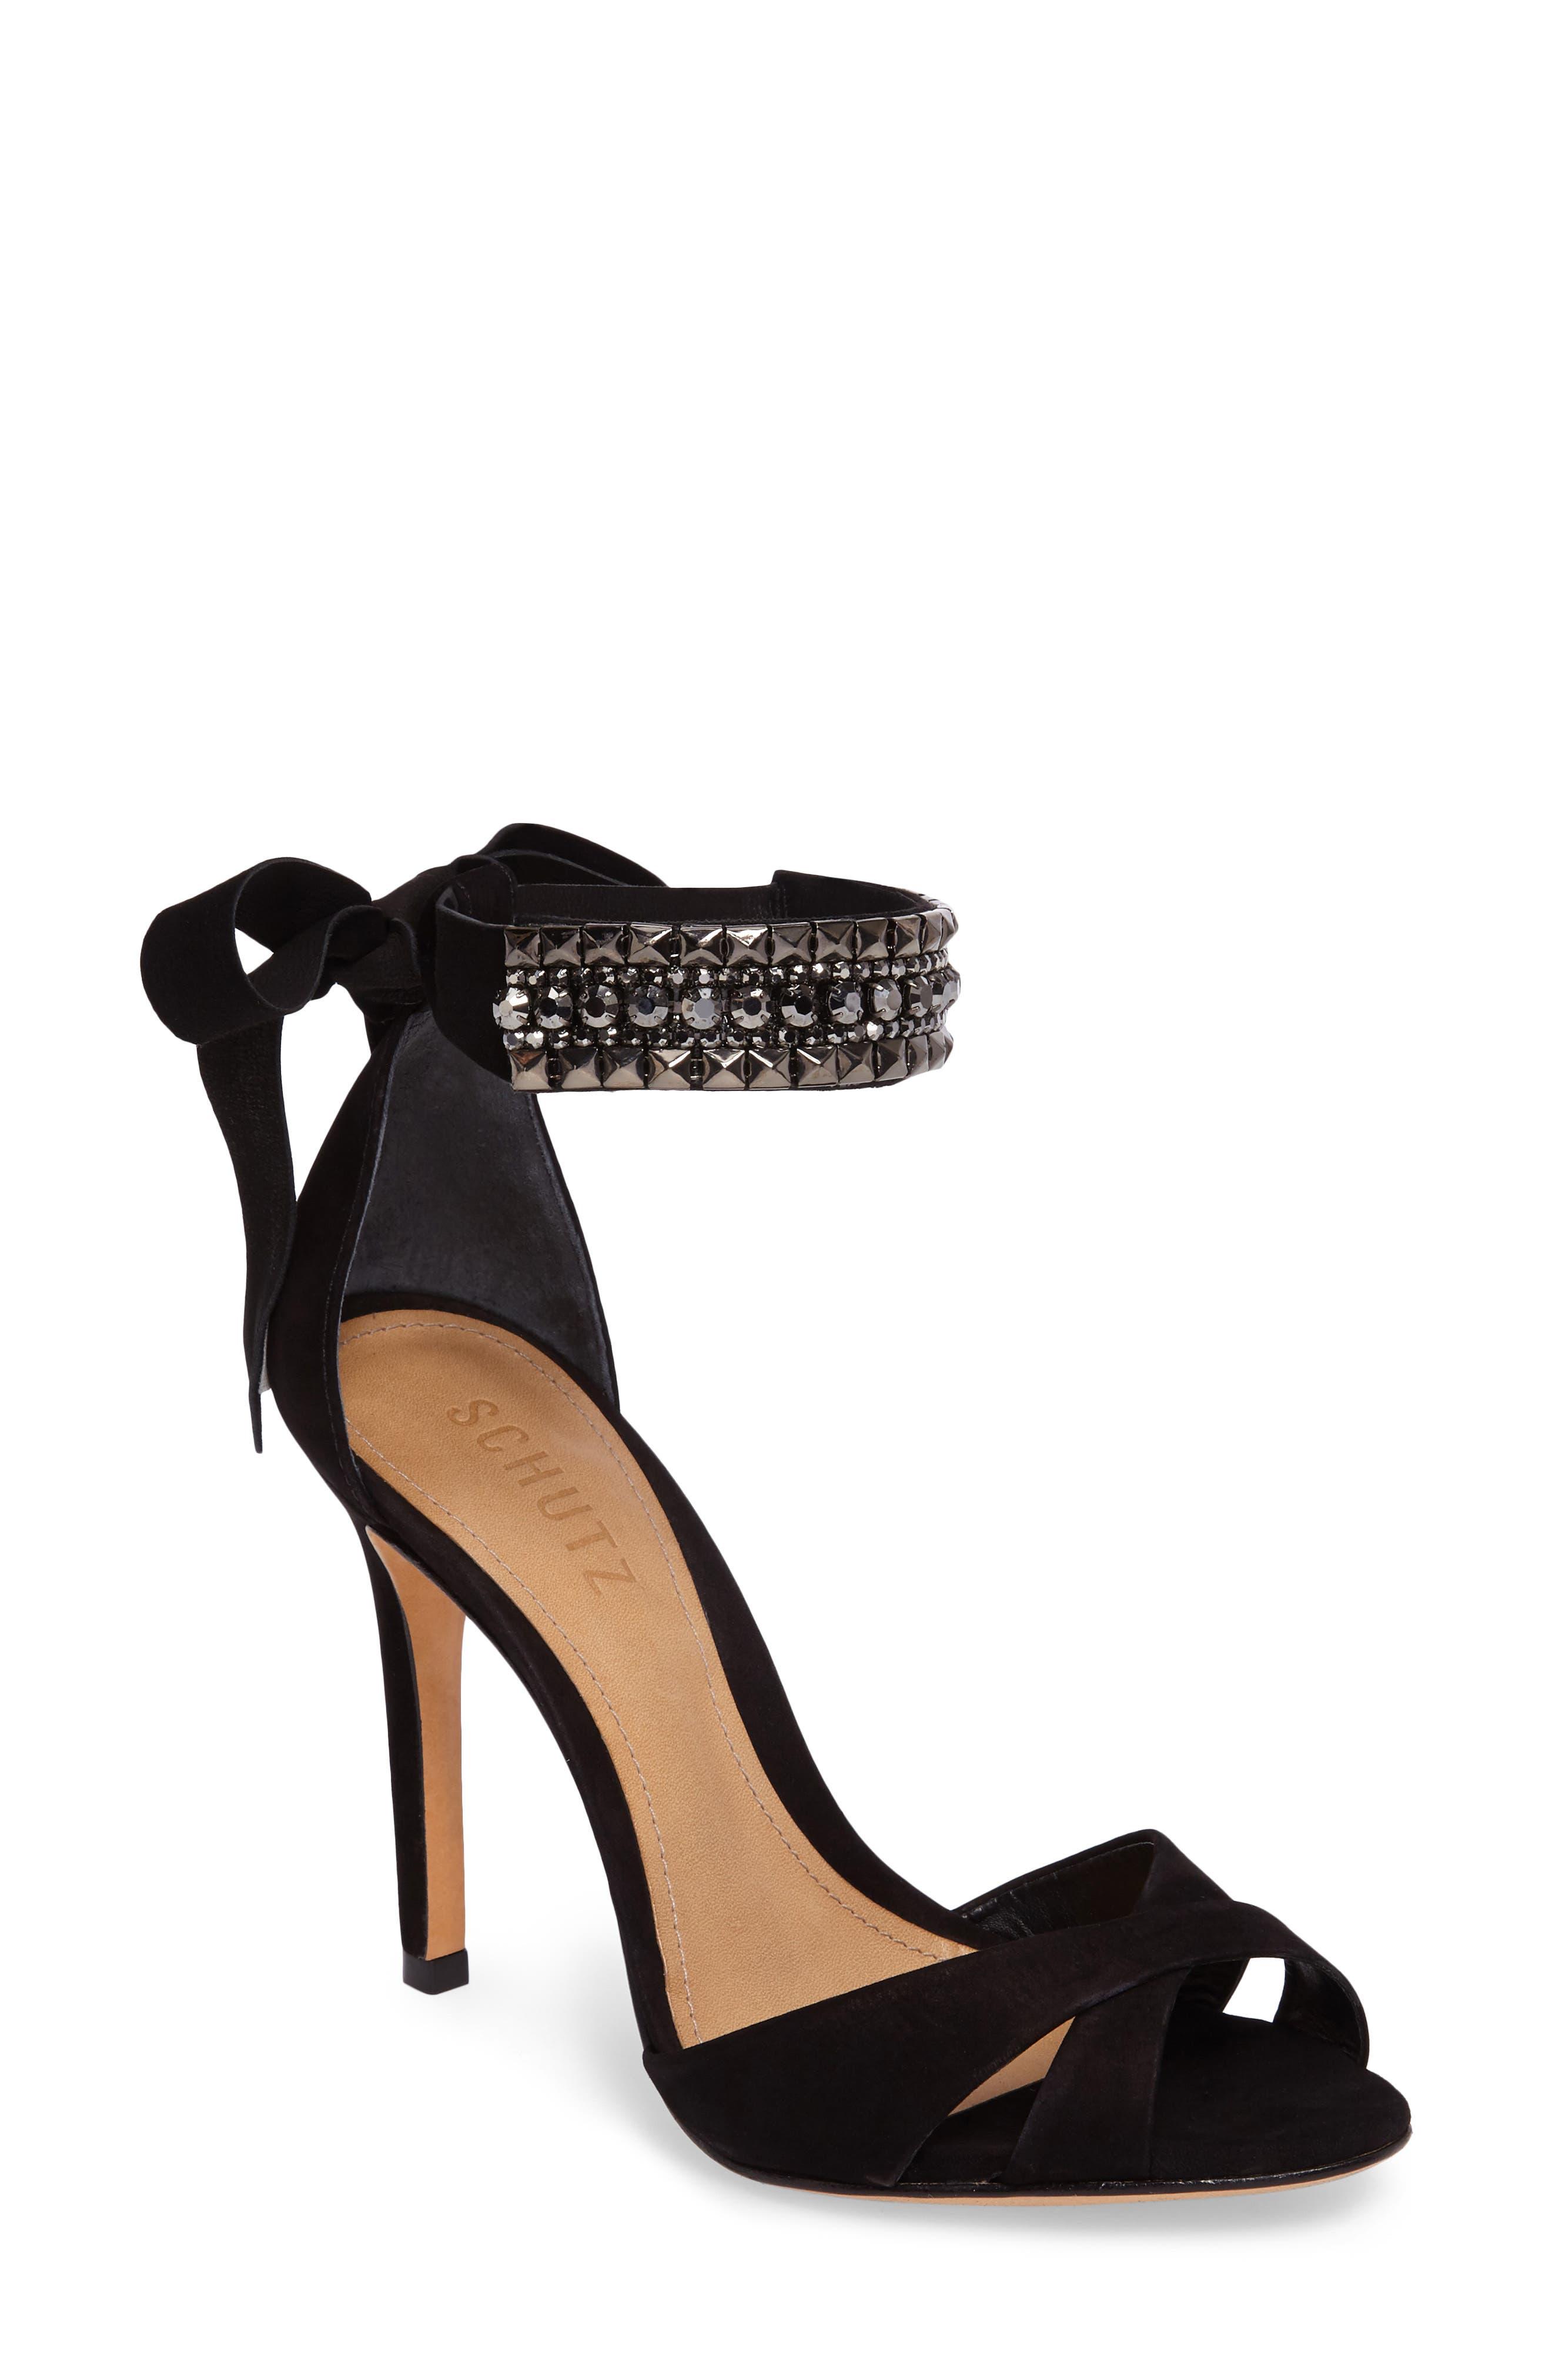 Alternate Image 1 Selected - Schutz Larazee Embellished Sandal (Women)